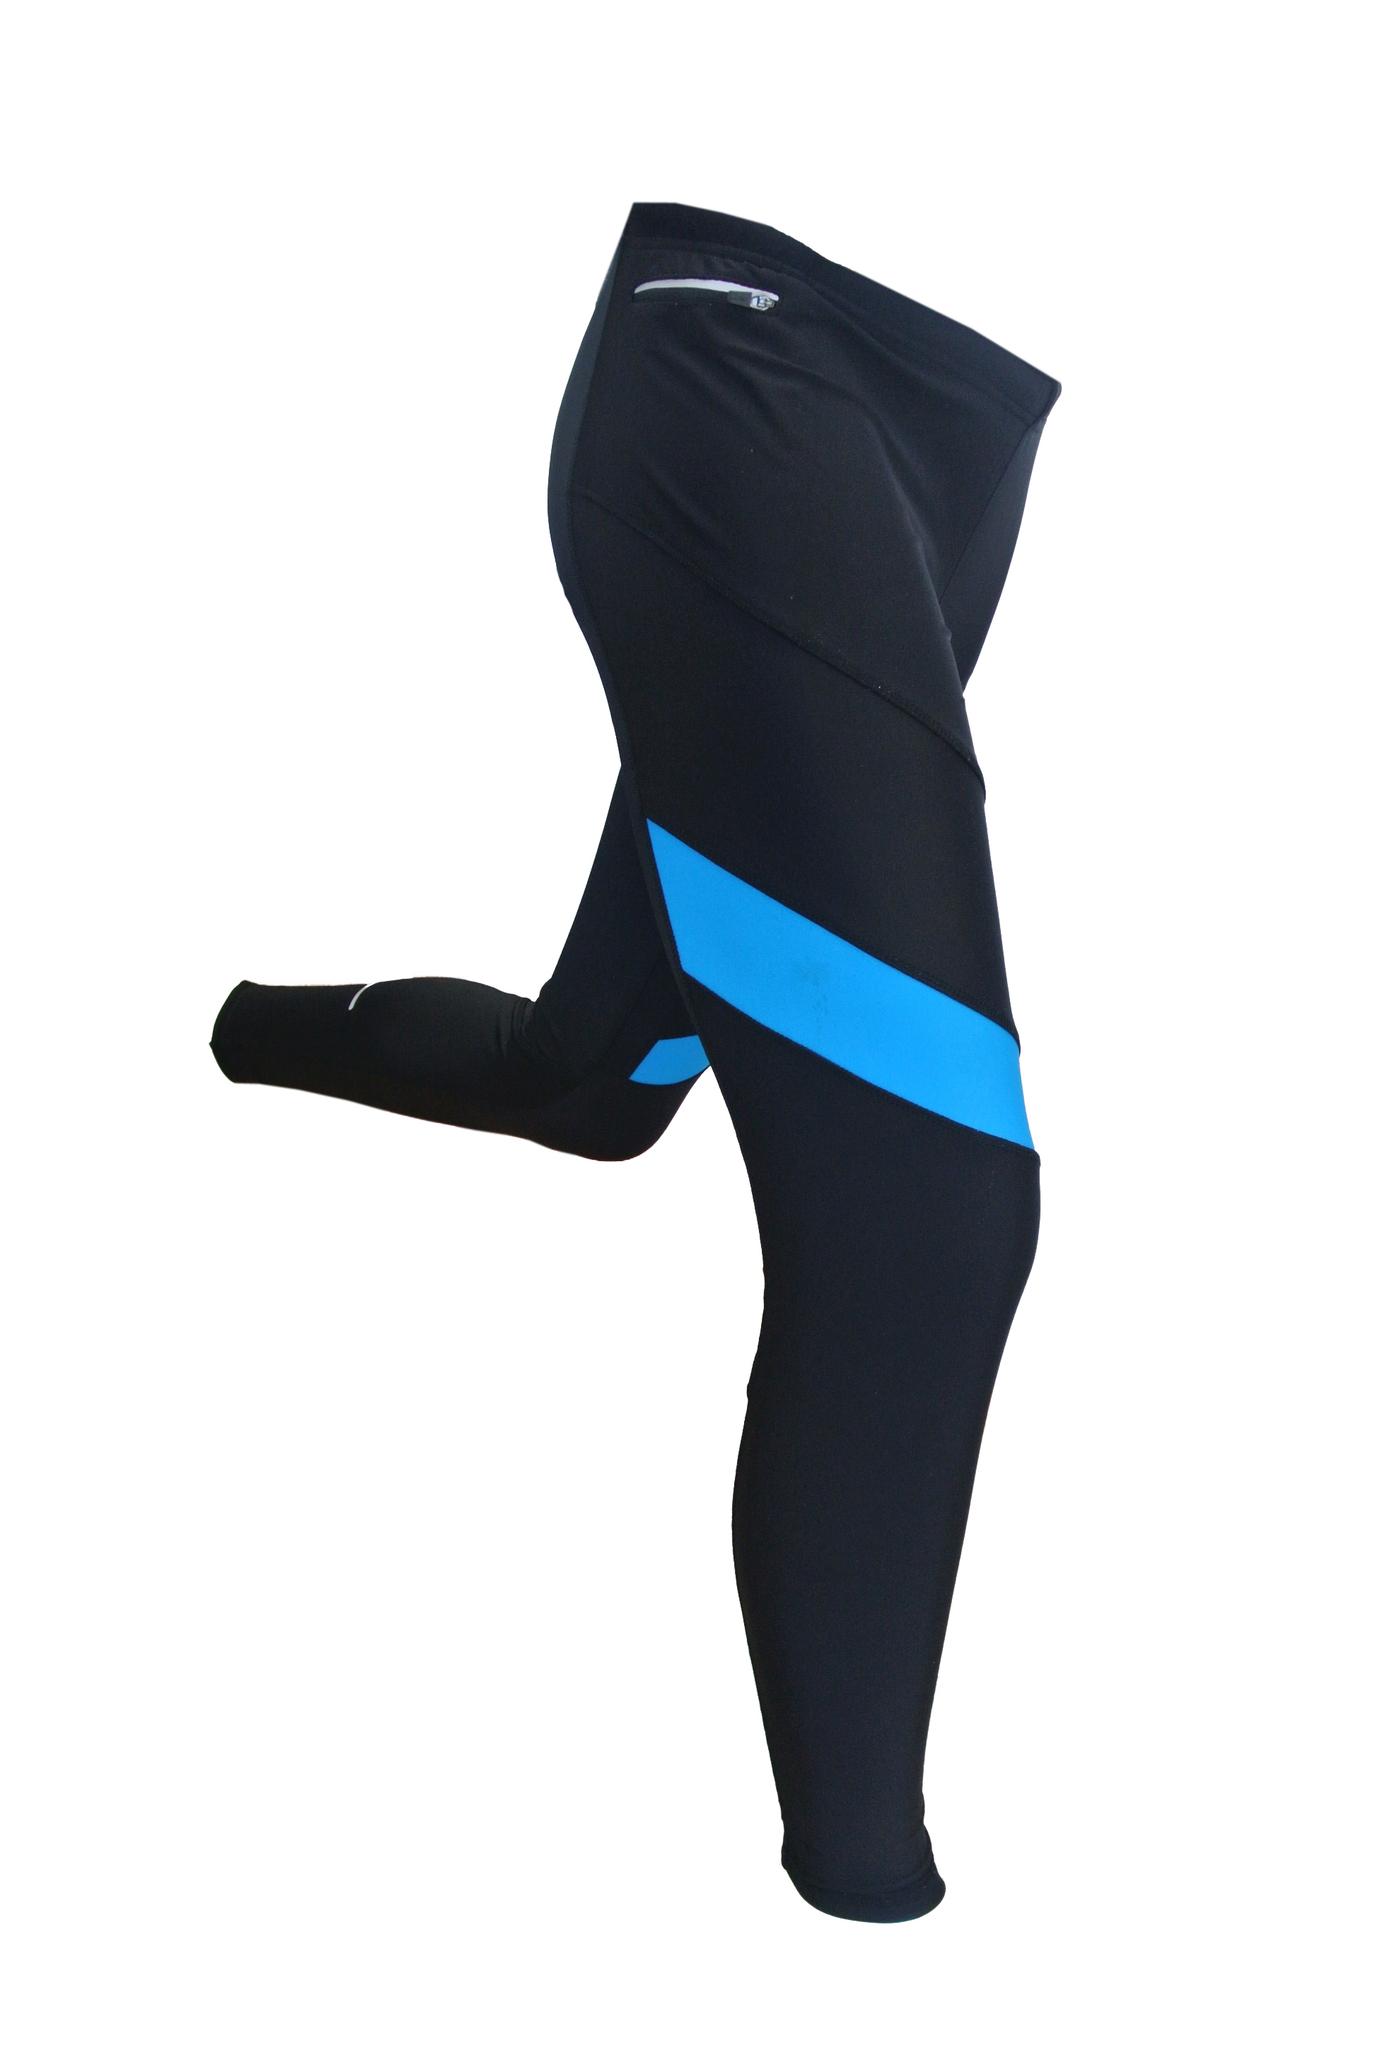 Мужские лосины для бега 905 Victory Code синие (15010101) унисекс